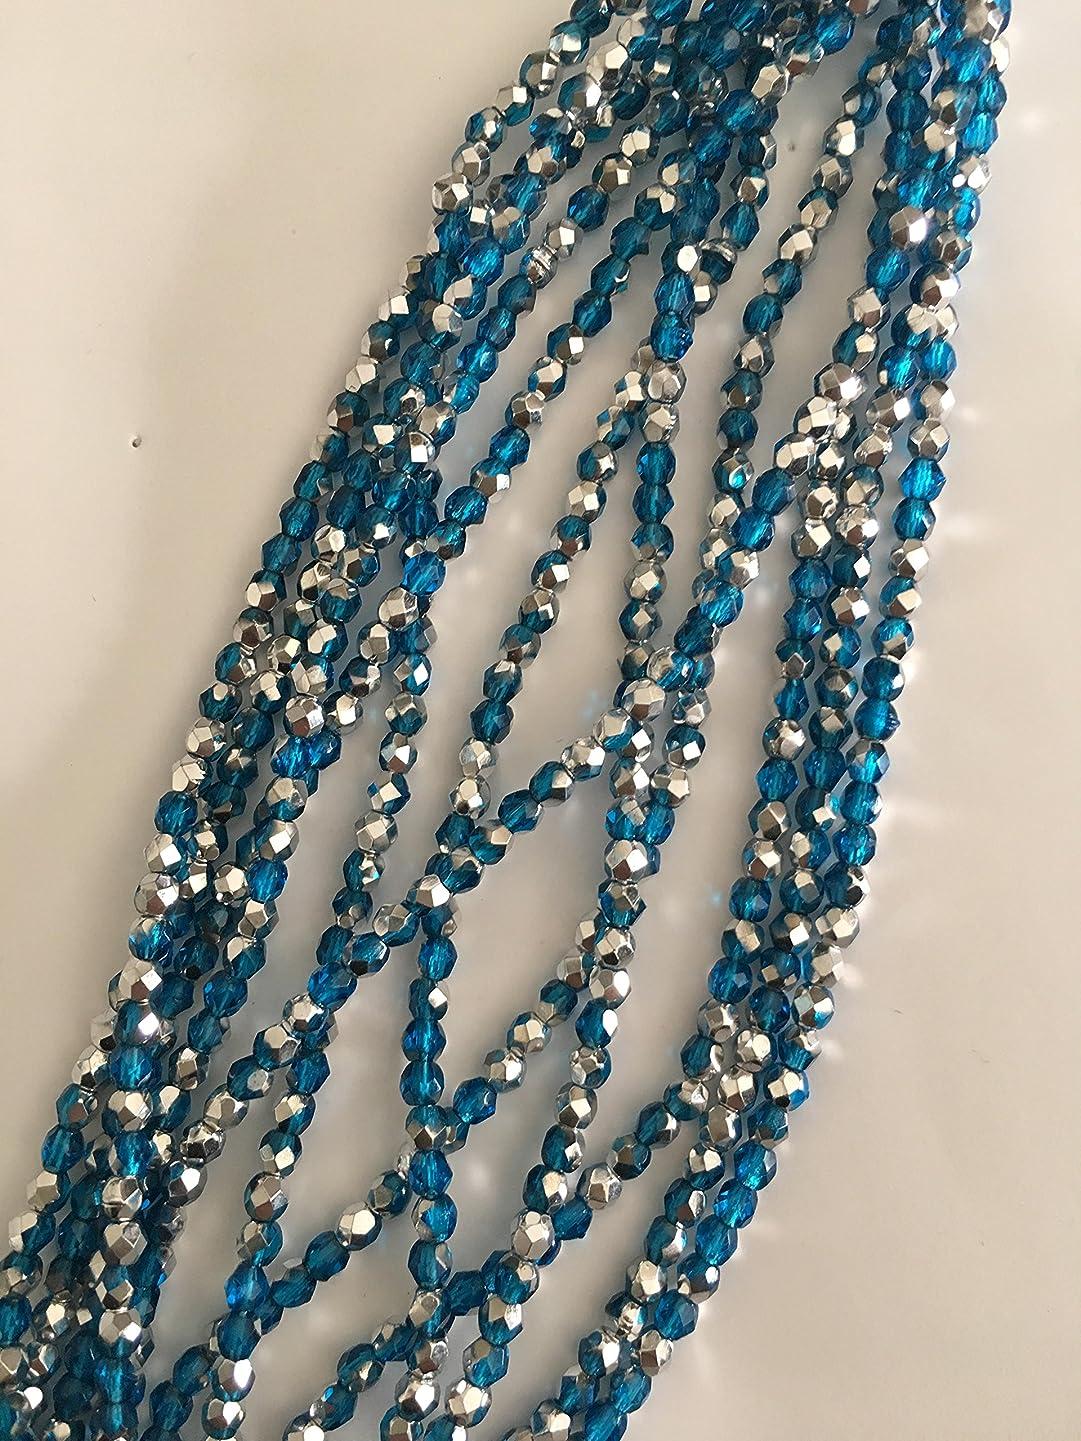 Fire Polished 3, mm Czech Beads (Aqua Silver) 600 beads .